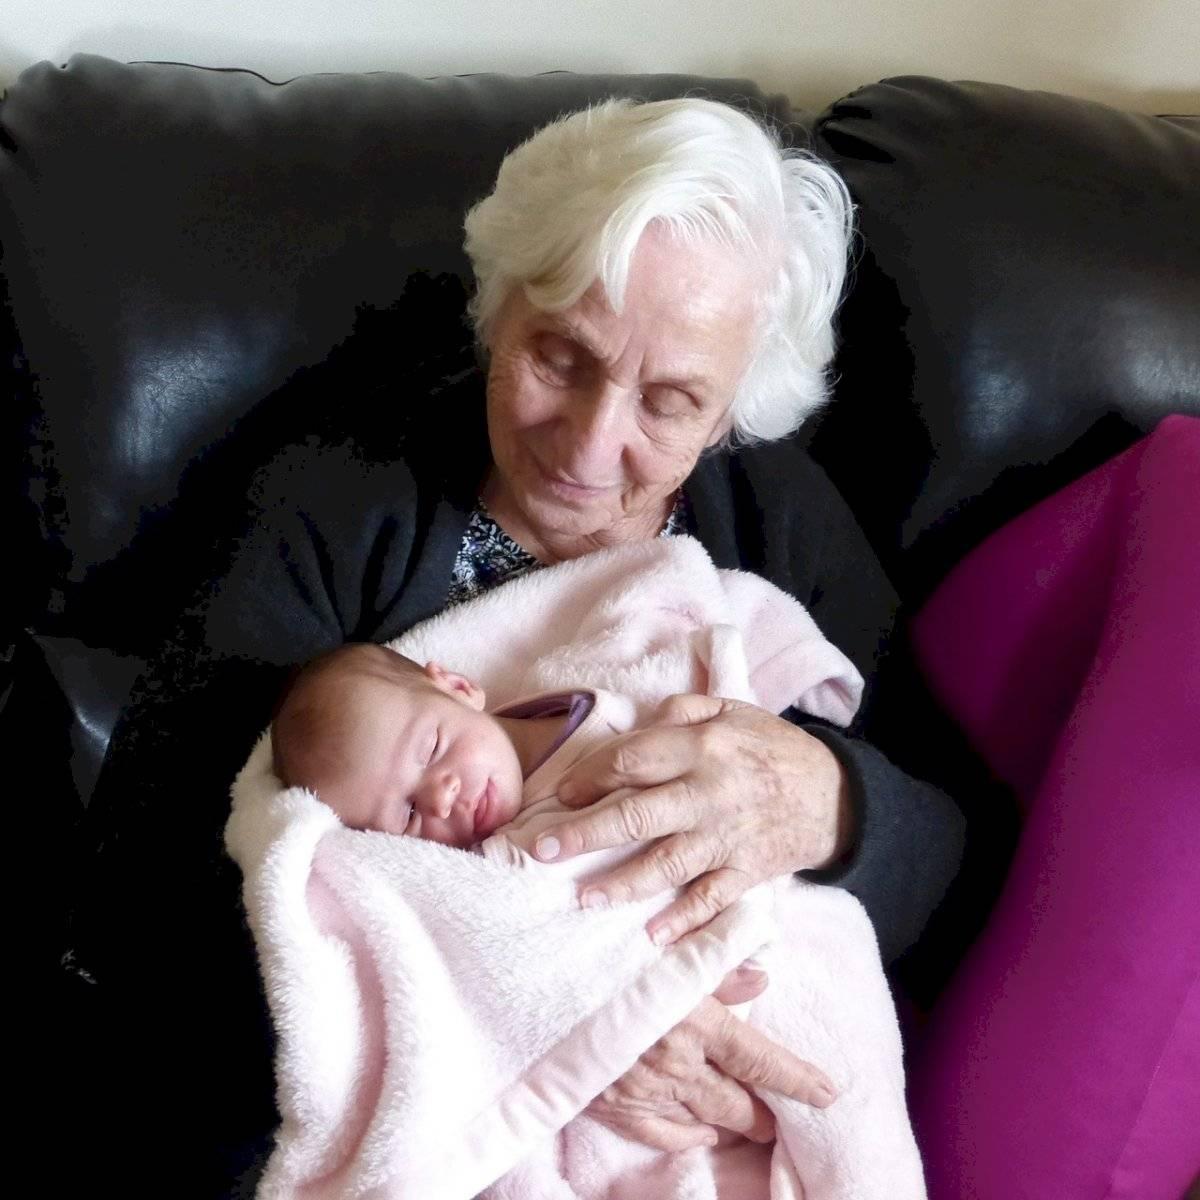 Abuela y bebé